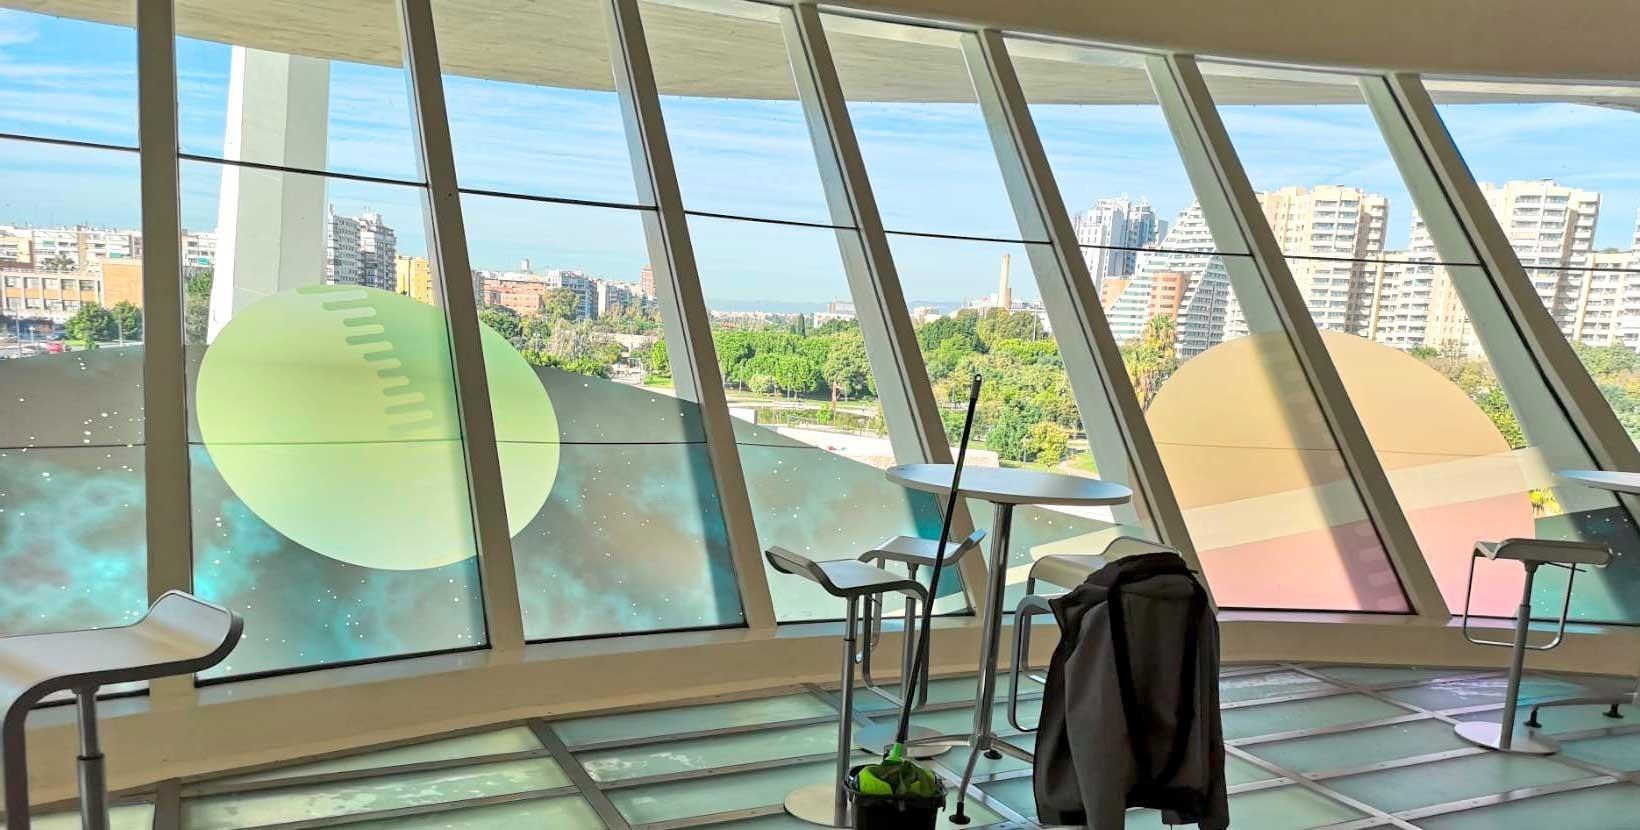 Pellicole per vetri pellicole adesive per vetri - Pellicole per vetri casa ...